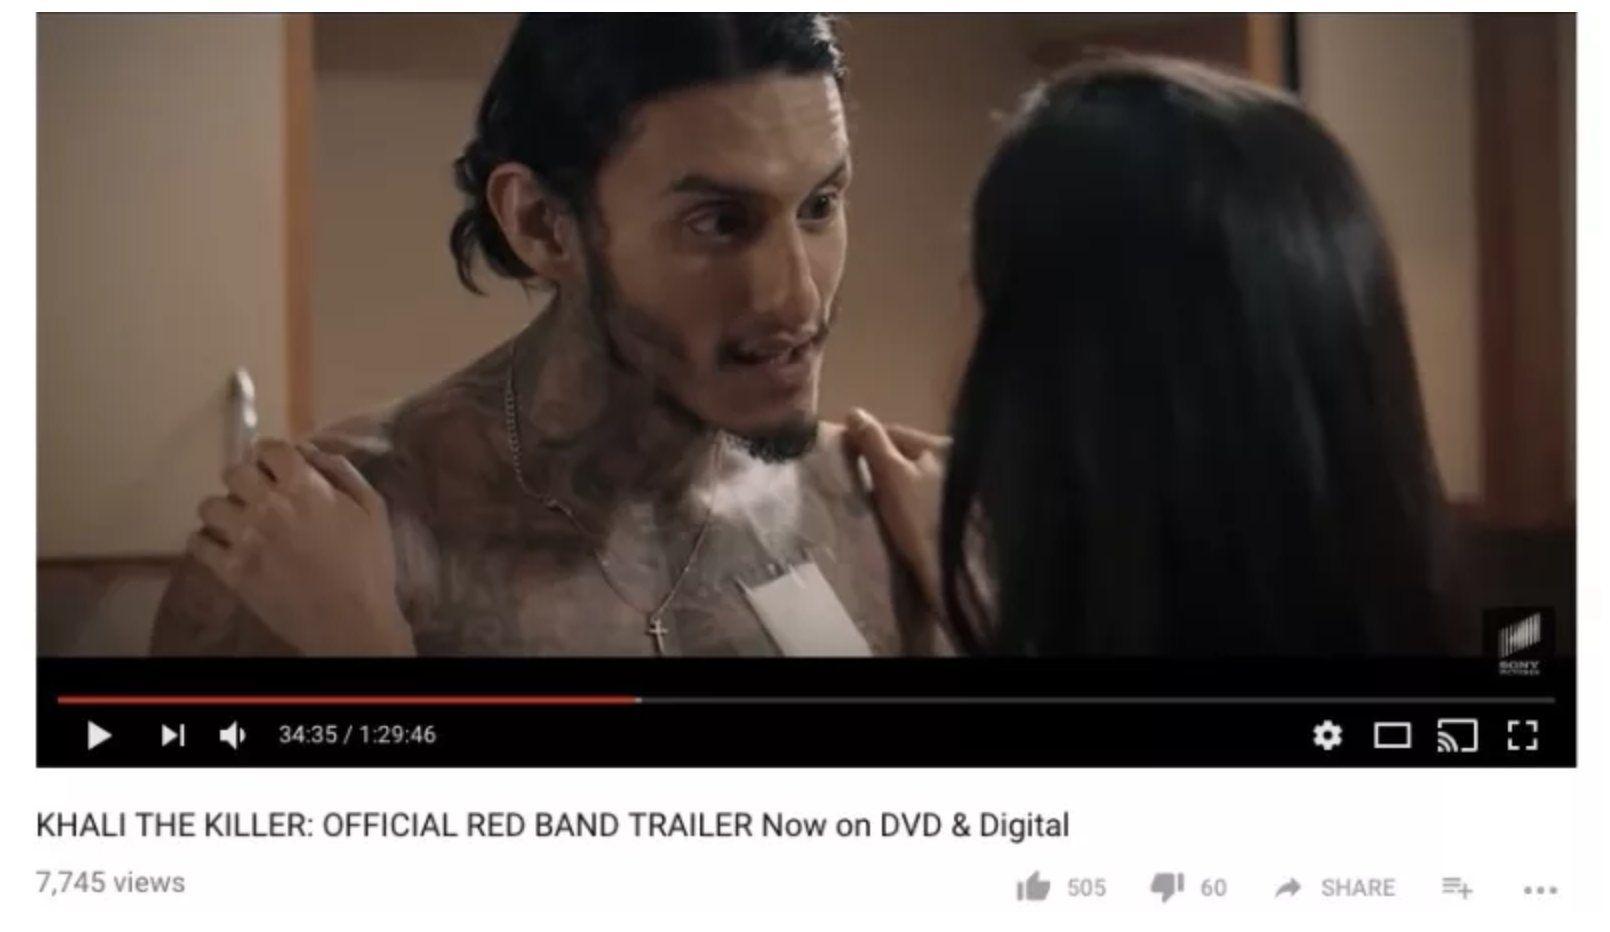 Merveilleux Youtube Film Entier Gratuit En Français sony publie par erreur un film entier sur youtube - les numériques